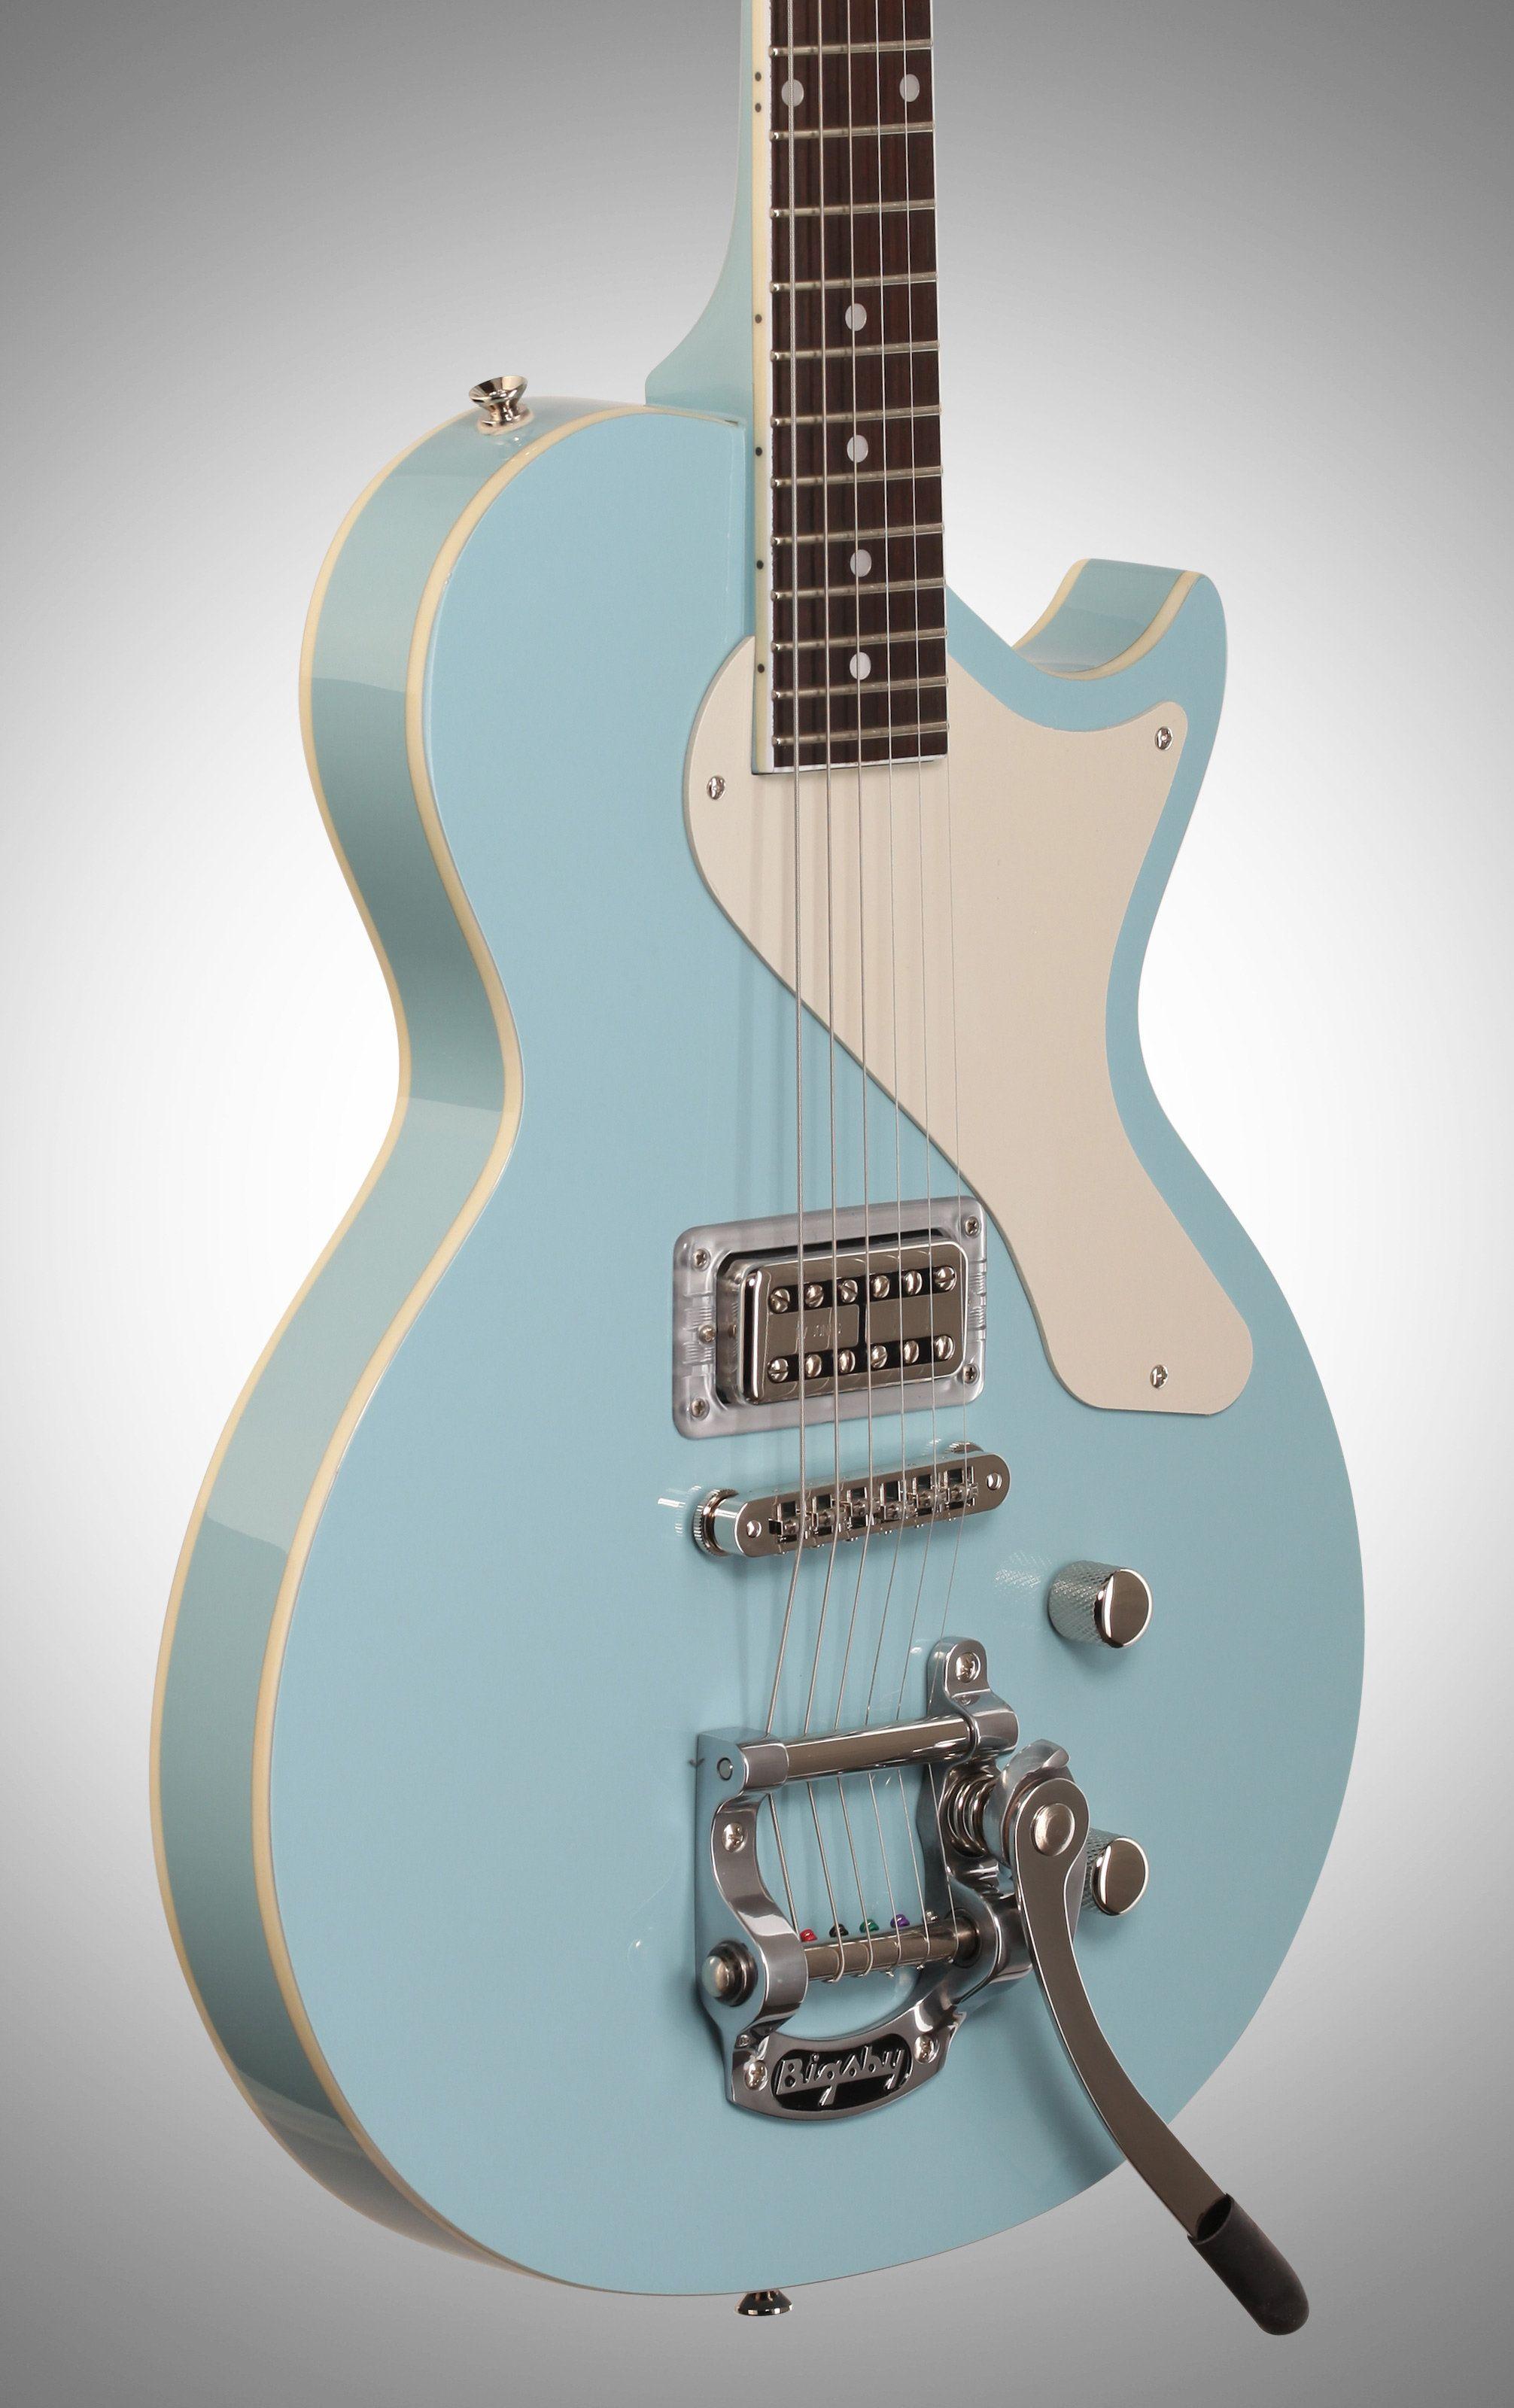 AXL USA Bel Air Electric Guitar Light Blue